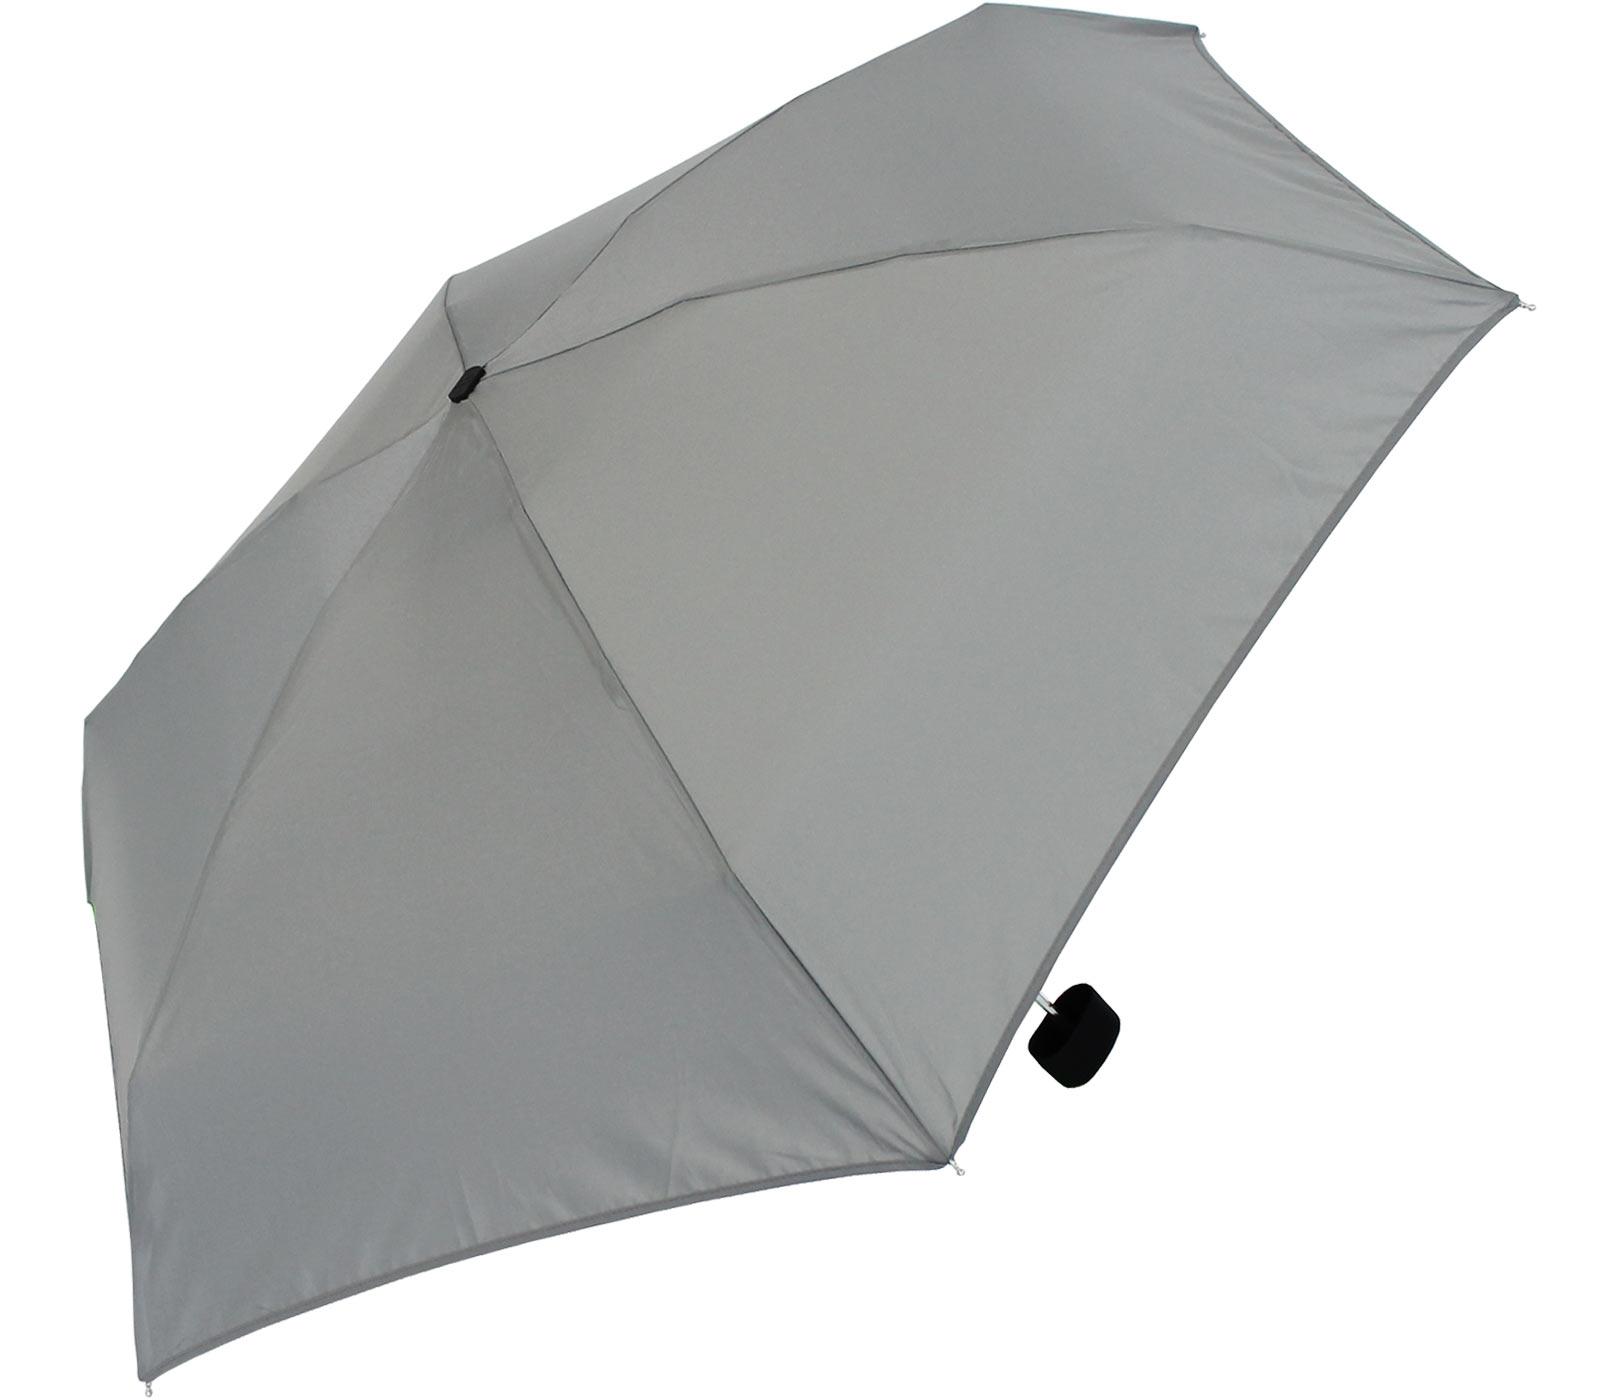 Regenschirm-Super-Mini-Taschenschirm-Damen-Herren-winzig-klein-leicht-im-Etui Indexbild 12